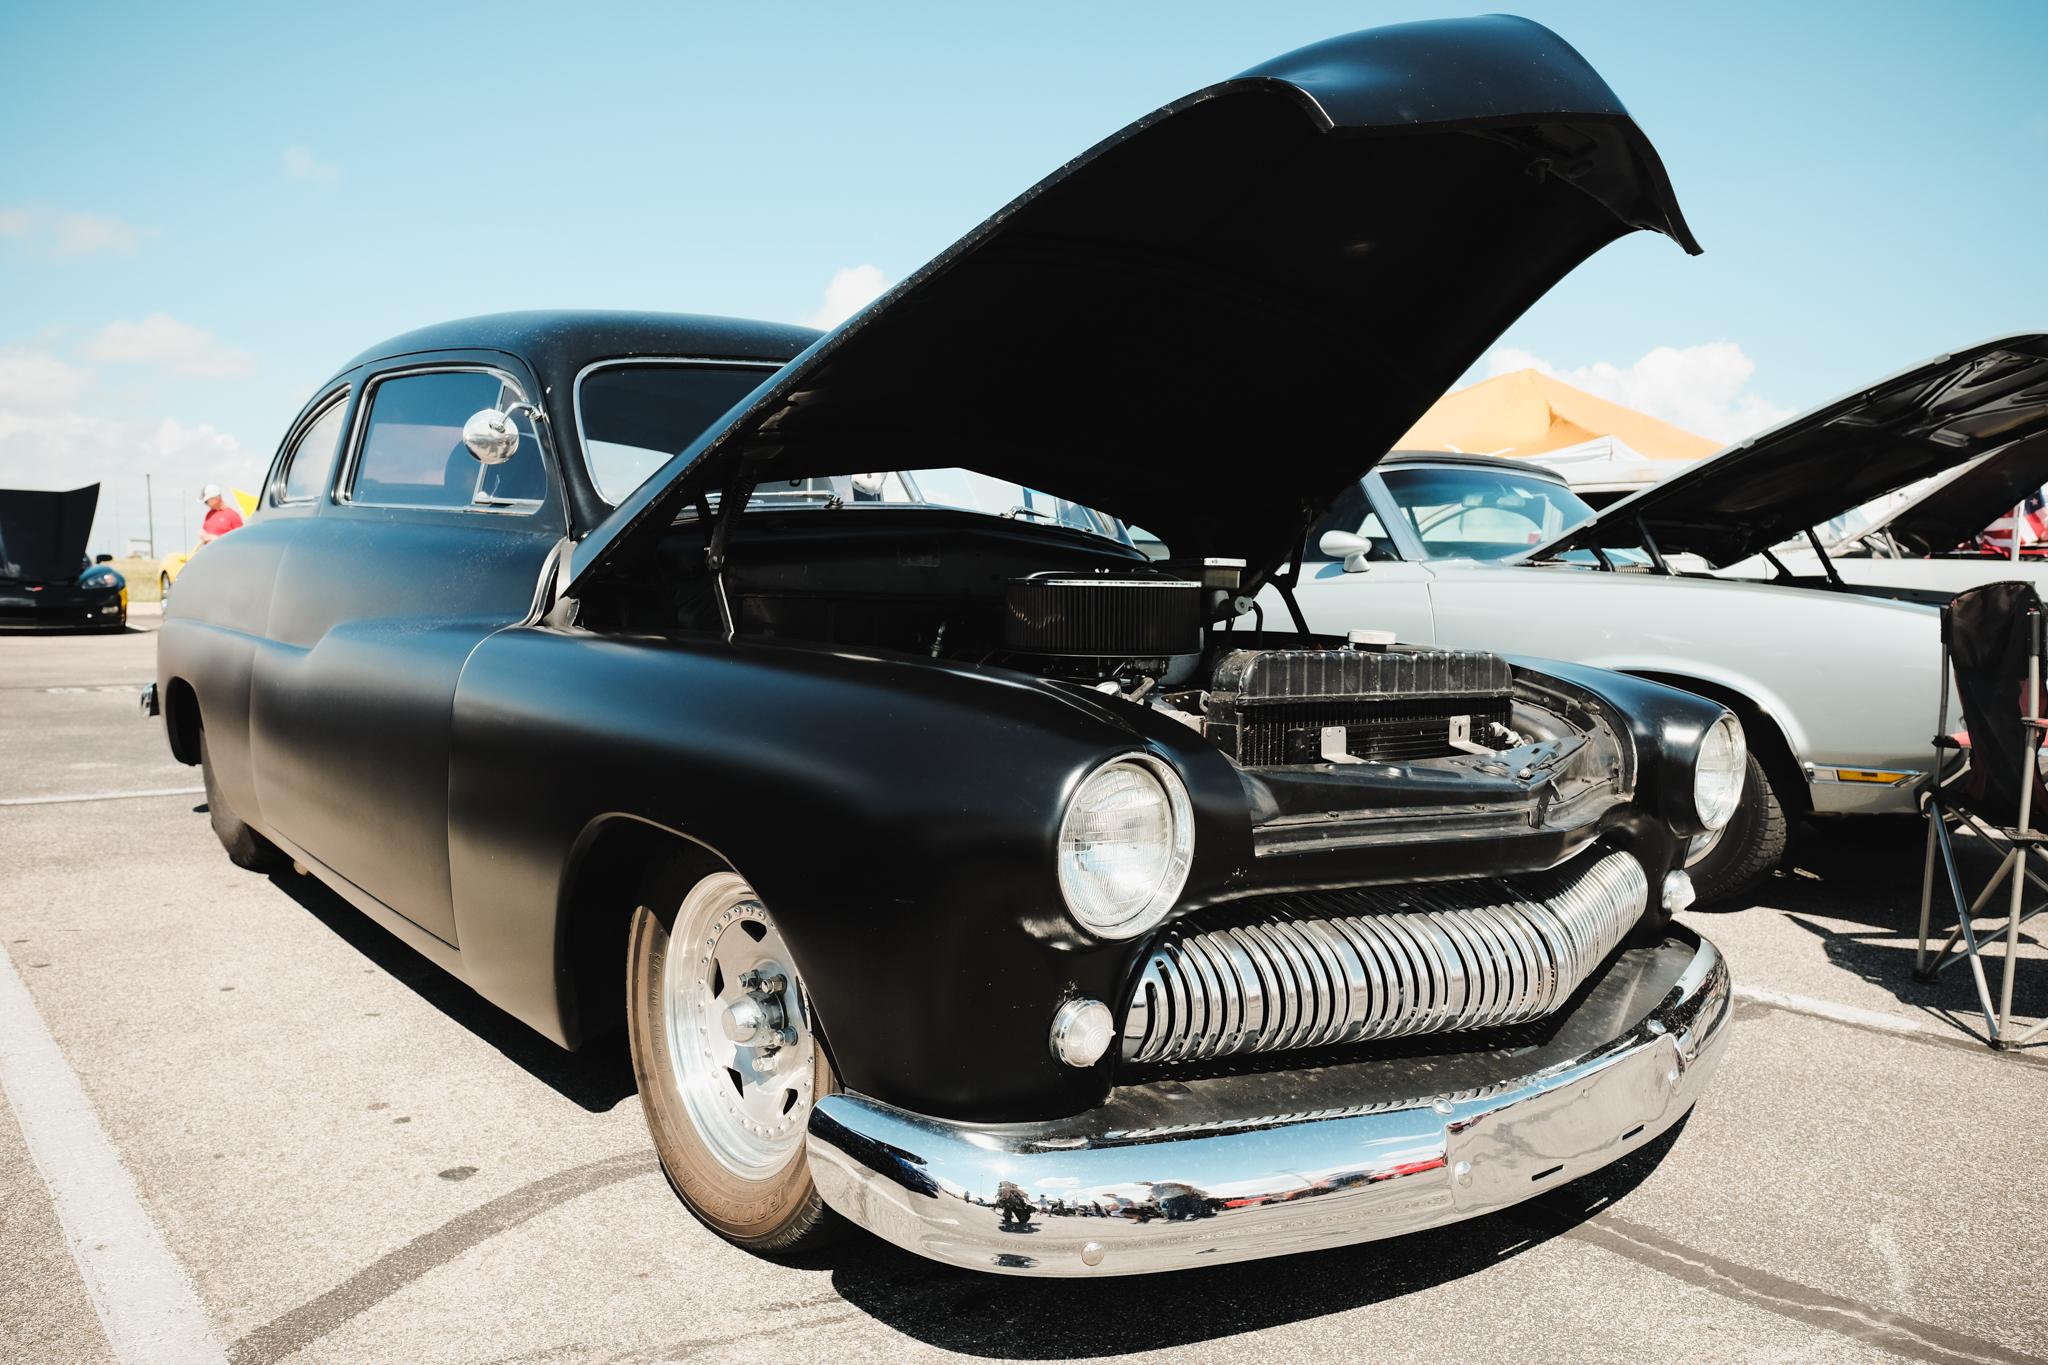 hutto-car-show-xt2-0749.jpg